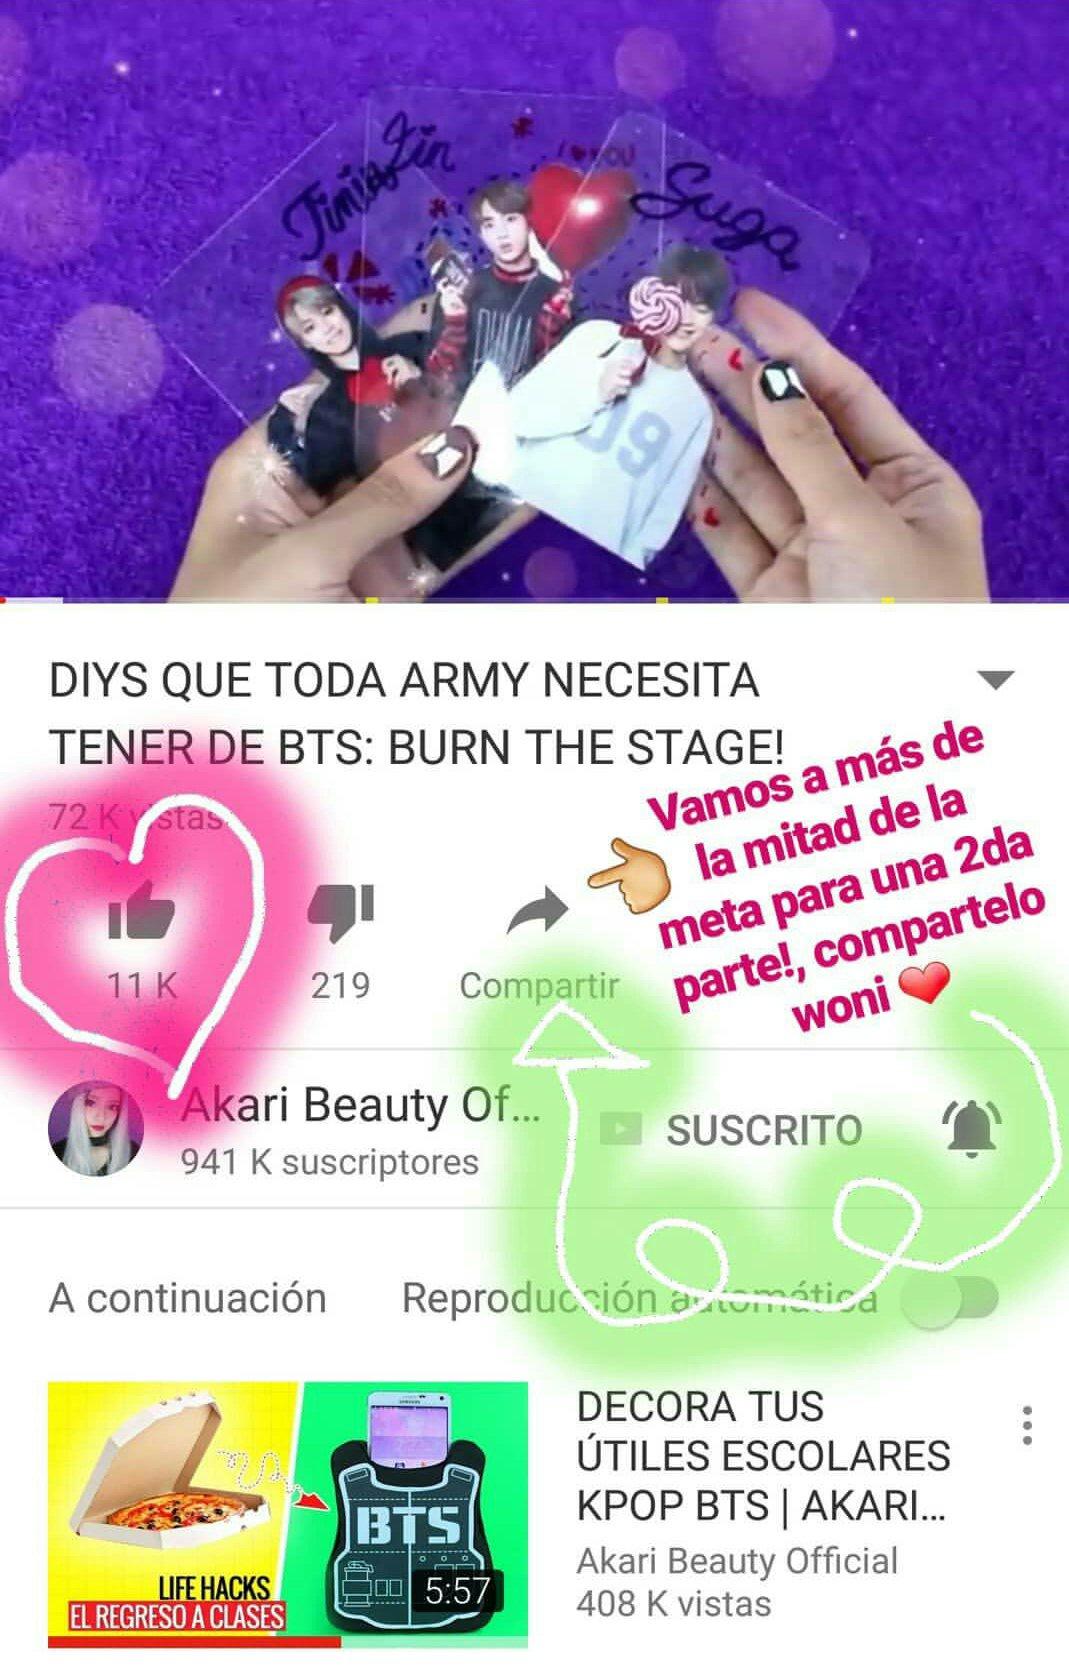 Akari Beauty Oficial V Twitter Vamos A Mas De La Mitad De La Meta Para Una 2da Parte Comparte Woni Https T Co 5h80f2pazk